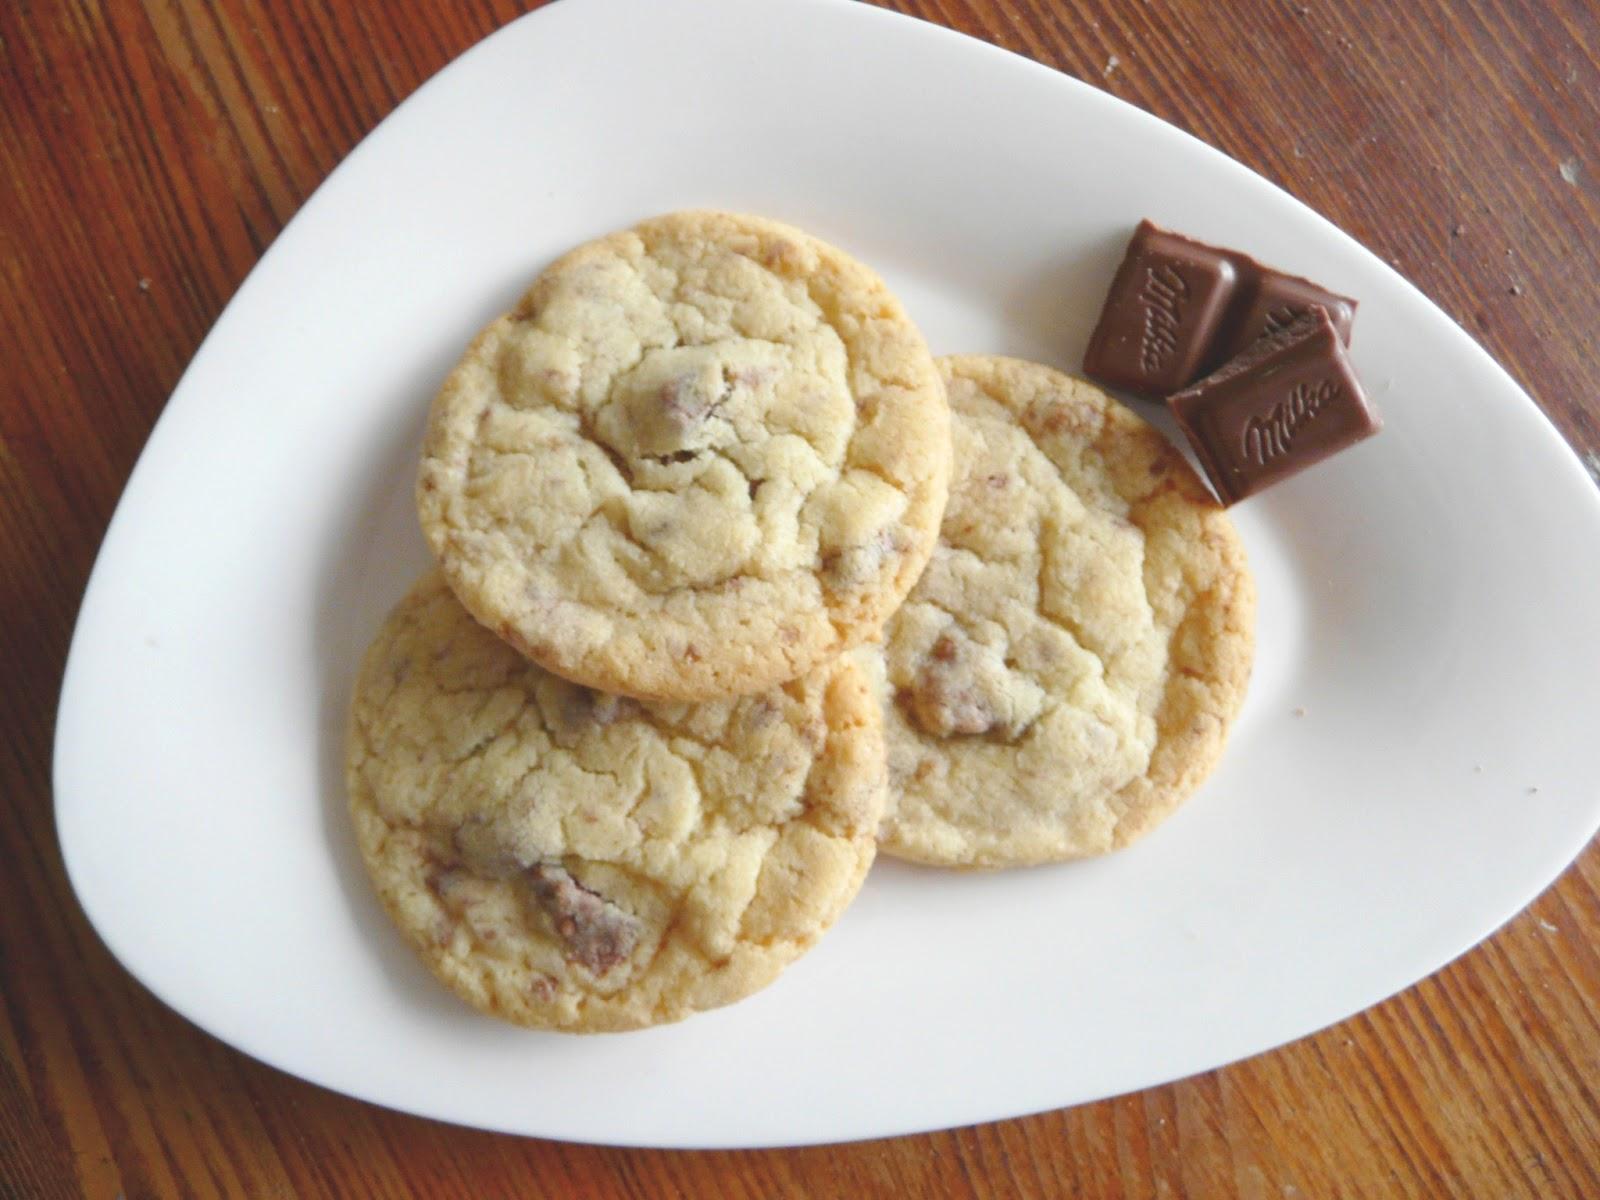 En un tour de main recette cookies moelleux - Recette cookies chocolat moelleux ...